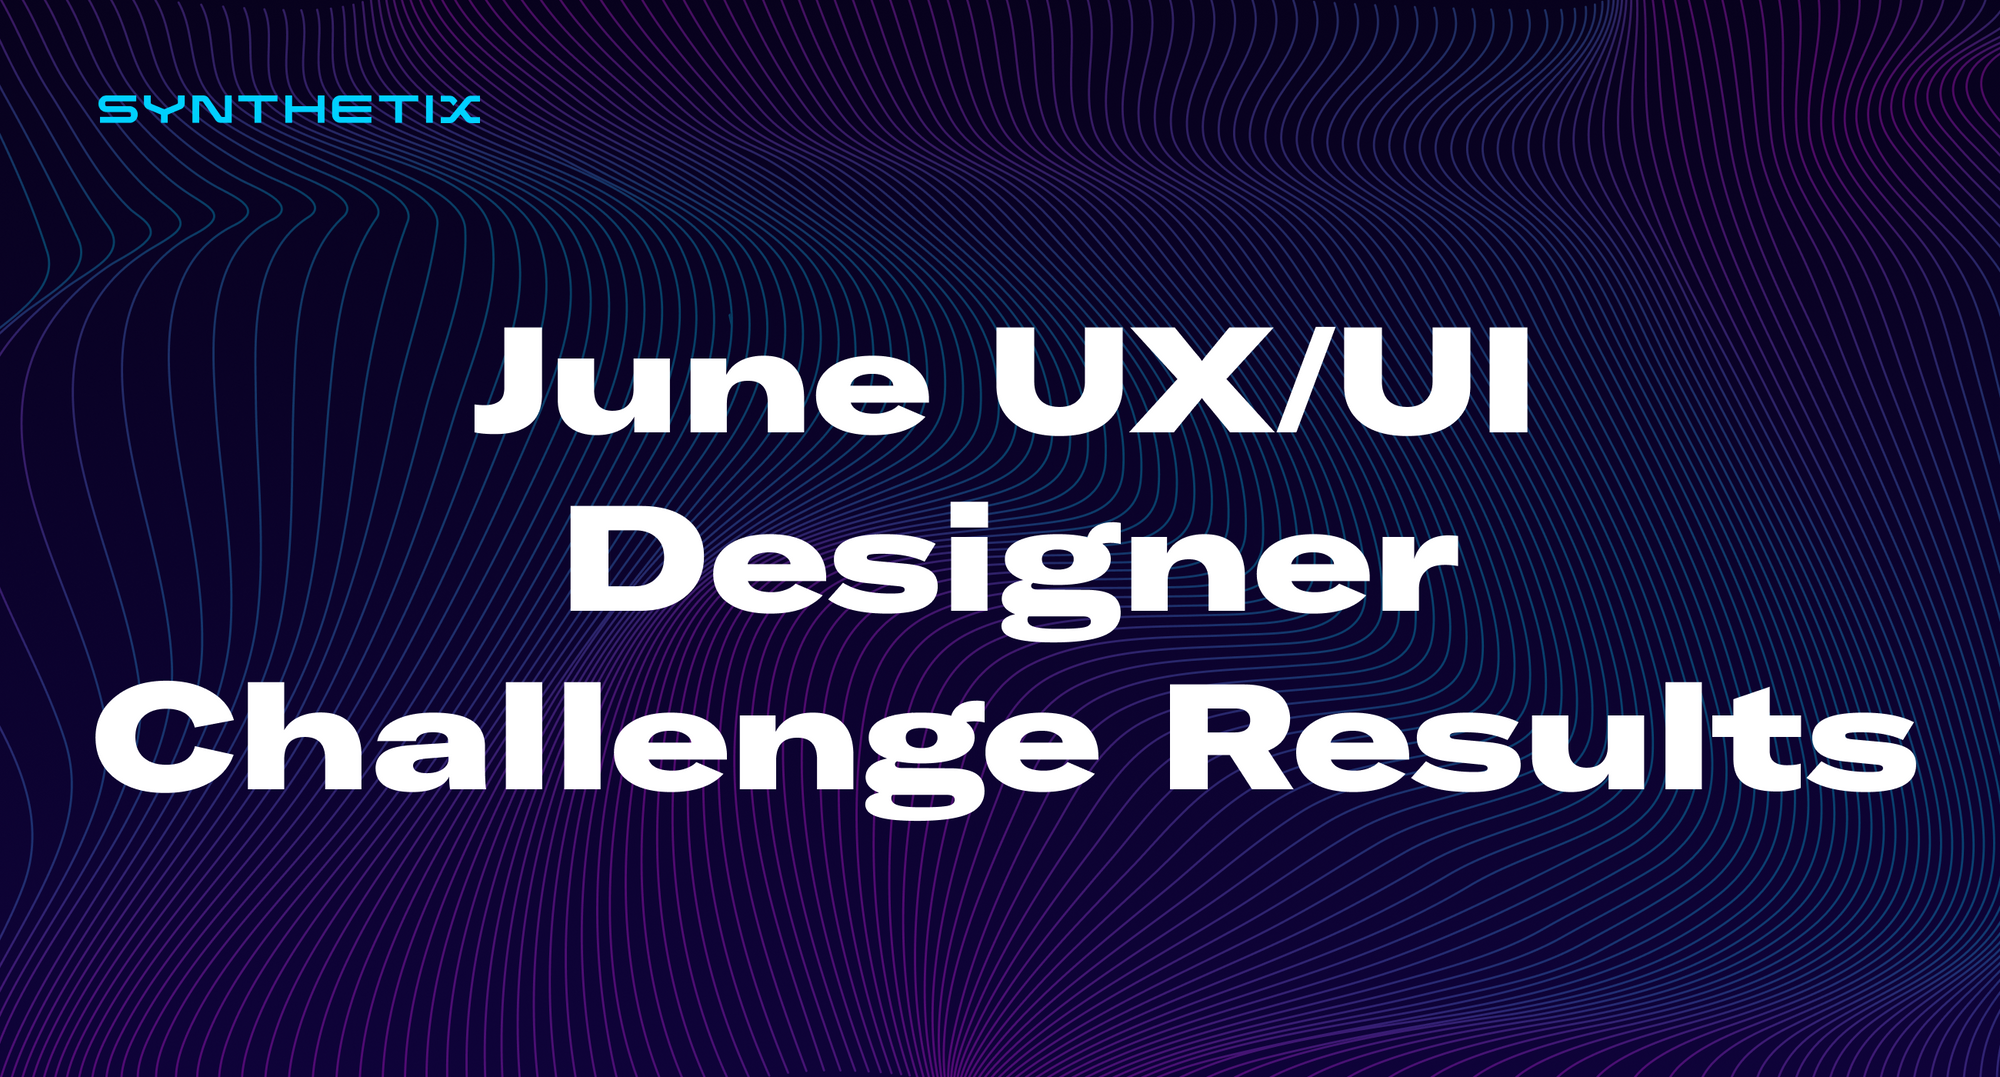 June UX/UI Designer Challenge Results